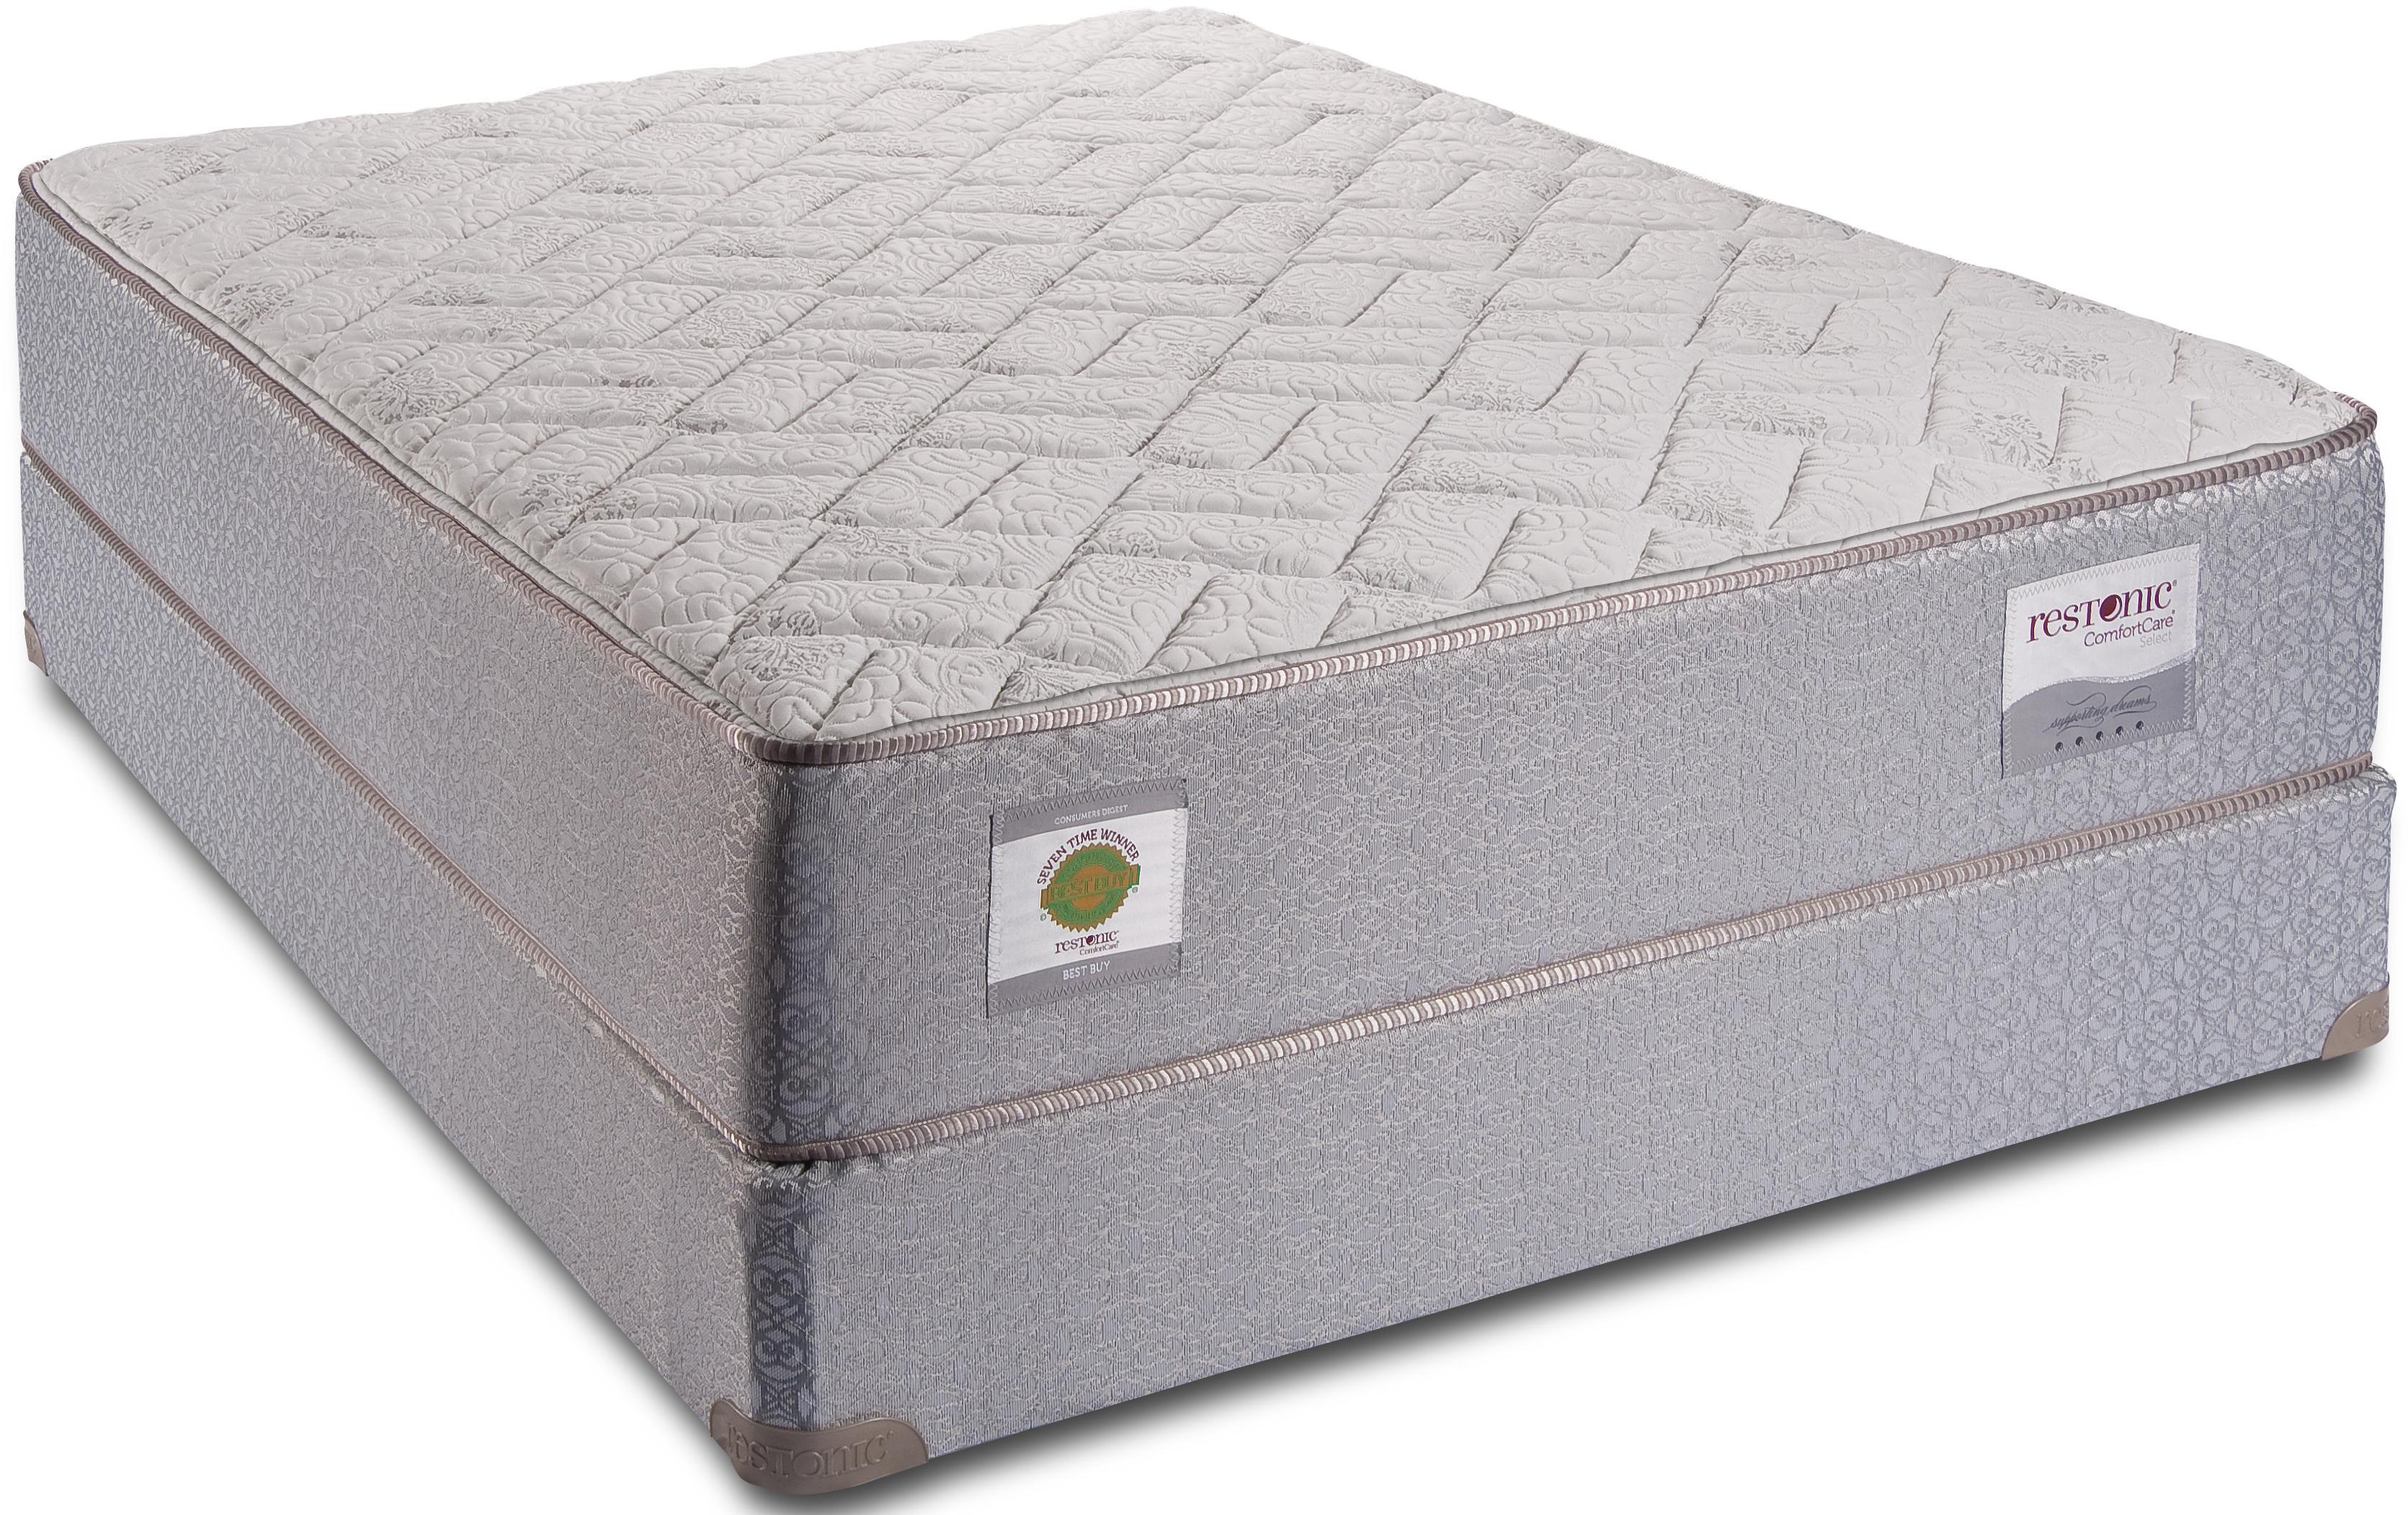 full extra firm mattress - Extra Firm Mattress